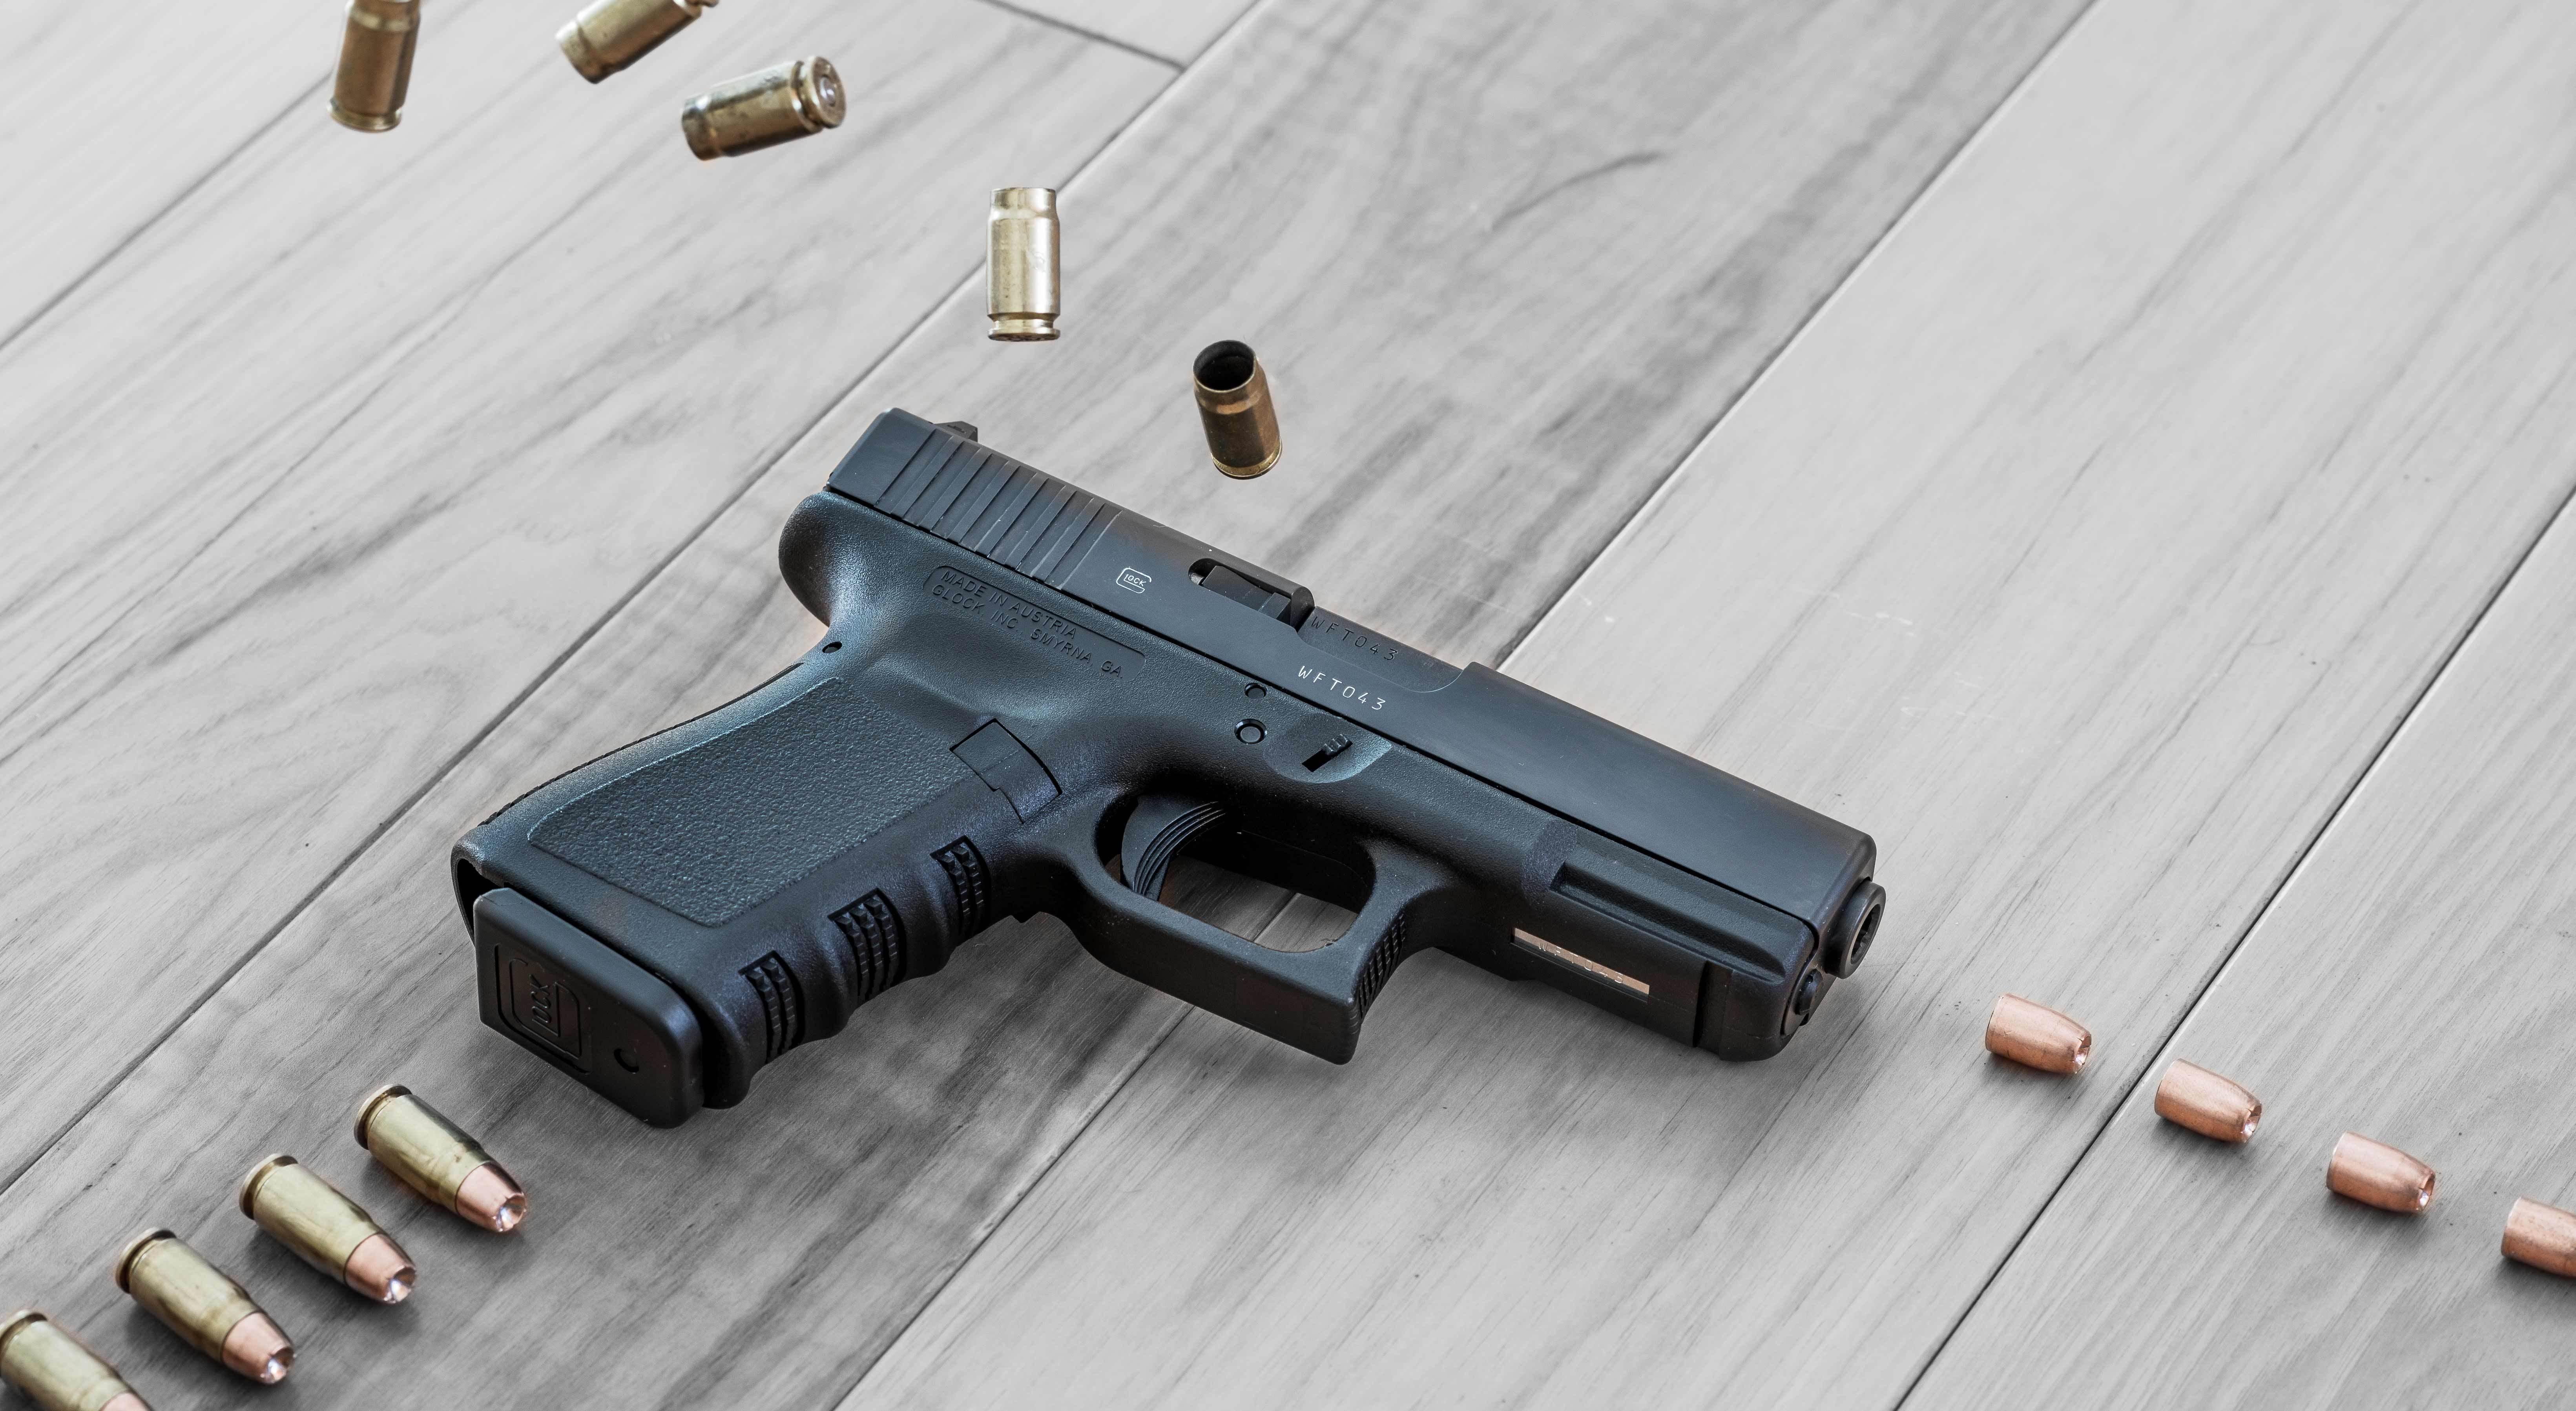 Wallpaper Glock 32 Gen4 357 SIG Firing Scheme Pistol